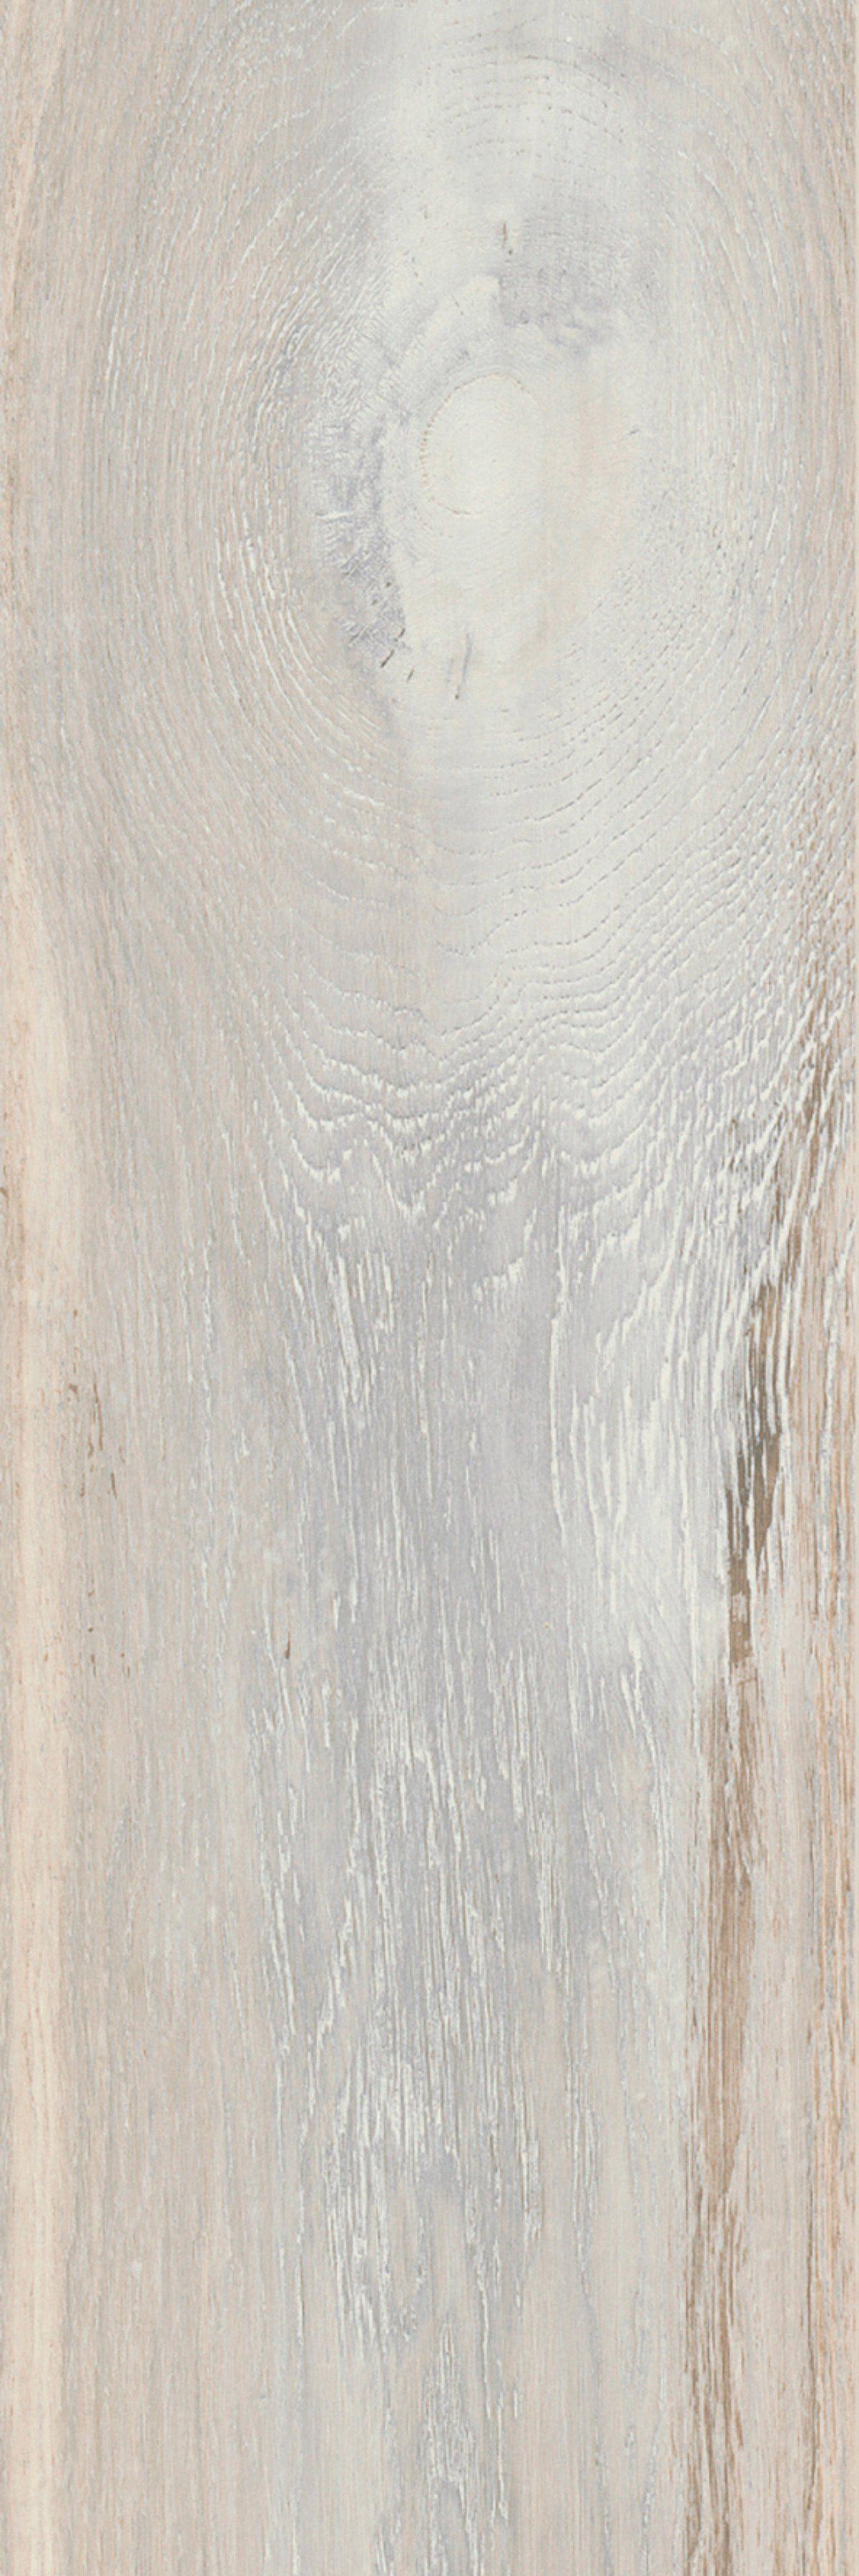 MODERNA Laminat »Lifestyle - Gletscher Eiche«, 1287 x 190 mm, Stärke 8 mm